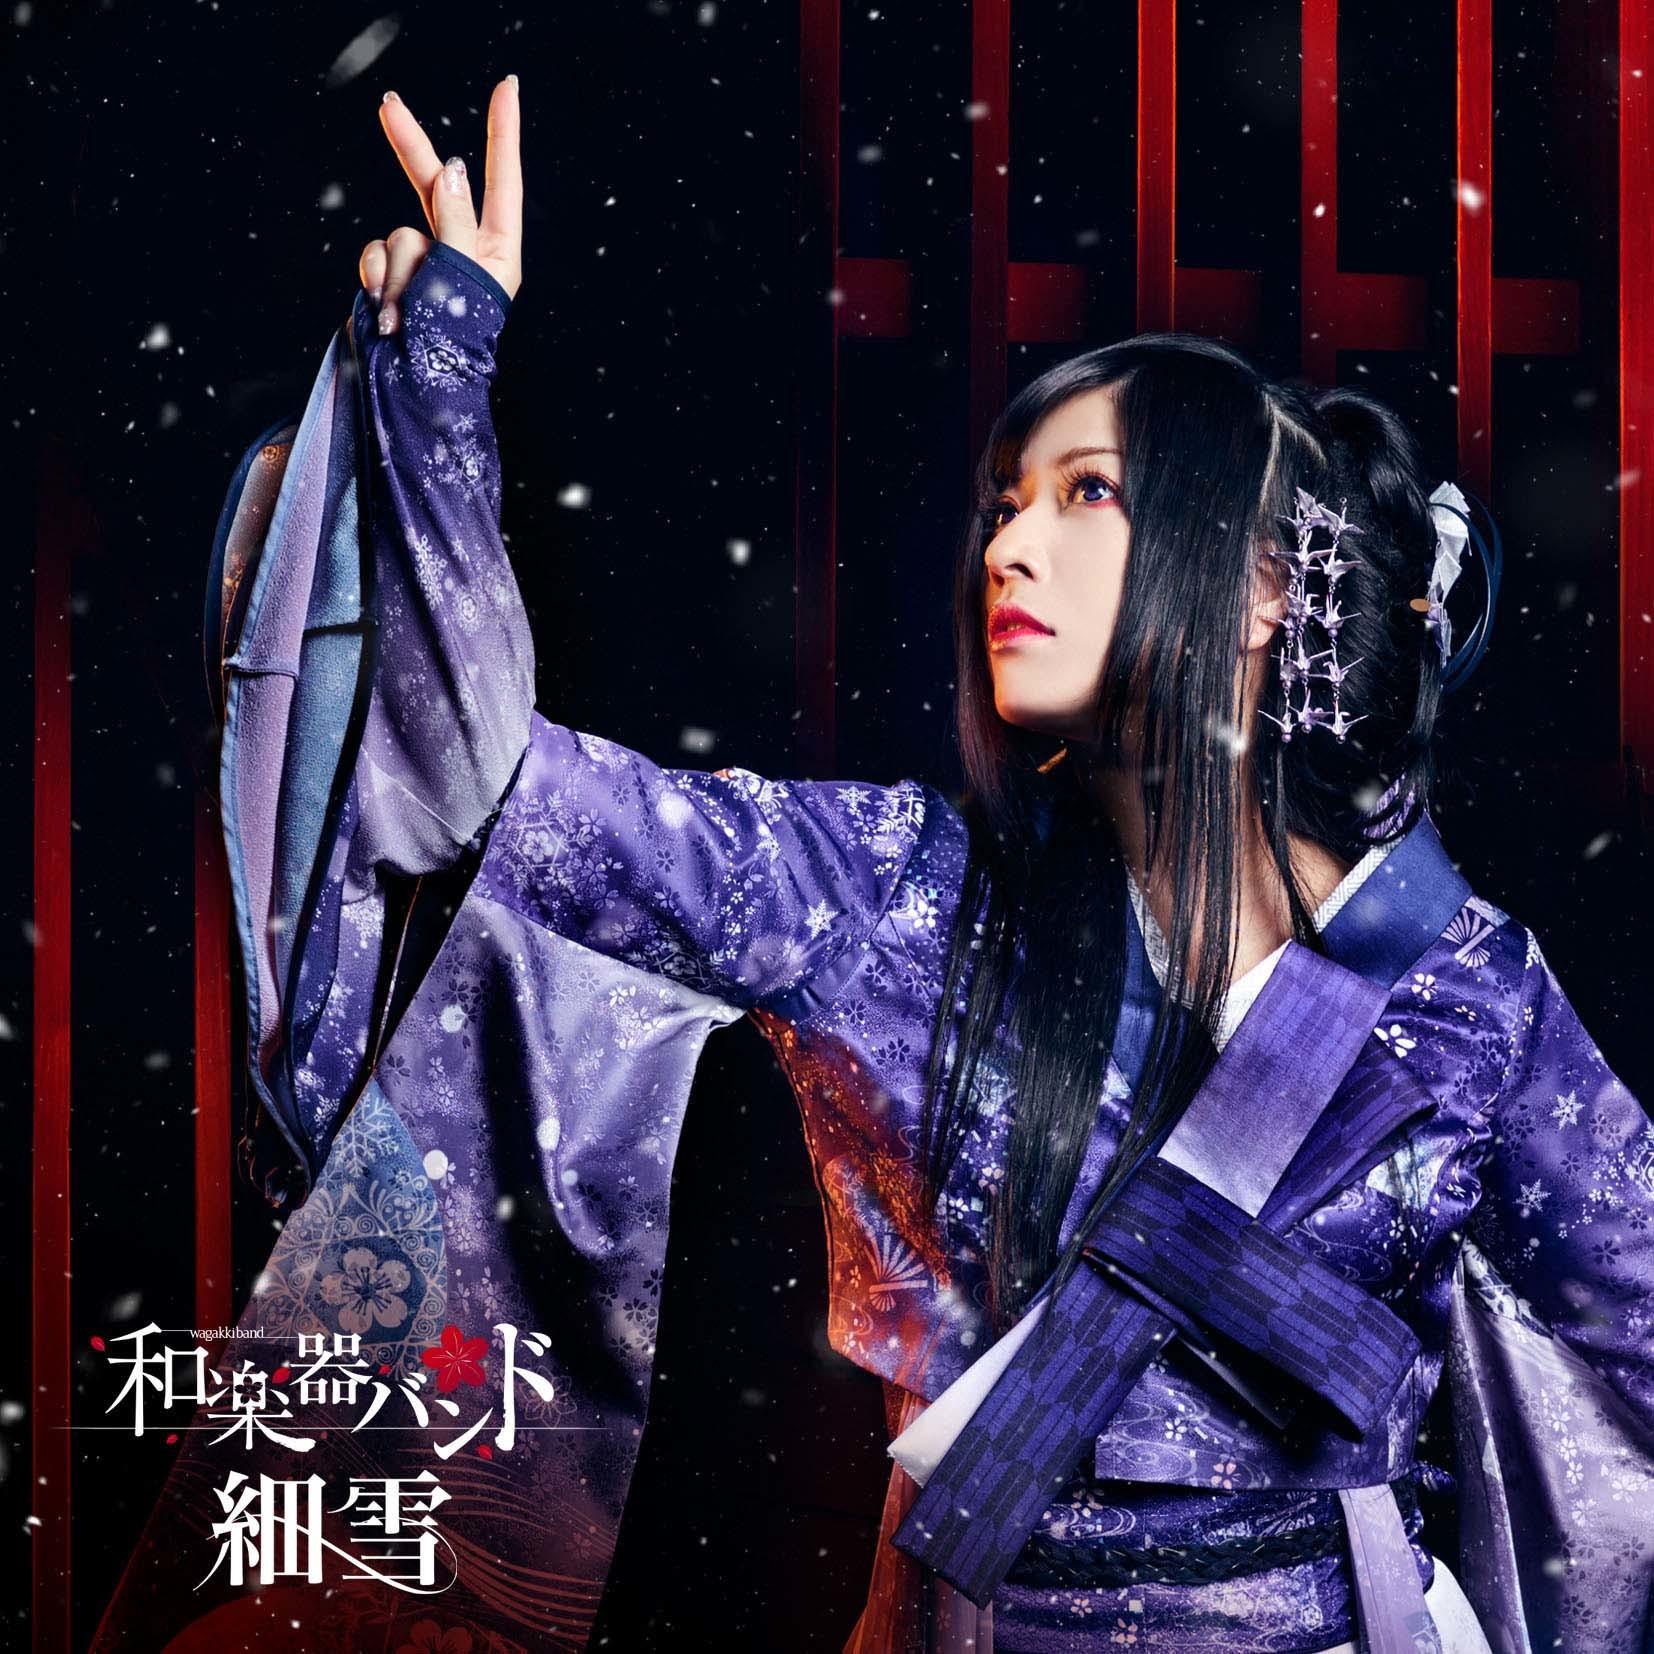 LIVE映像盤(SG+DVD)